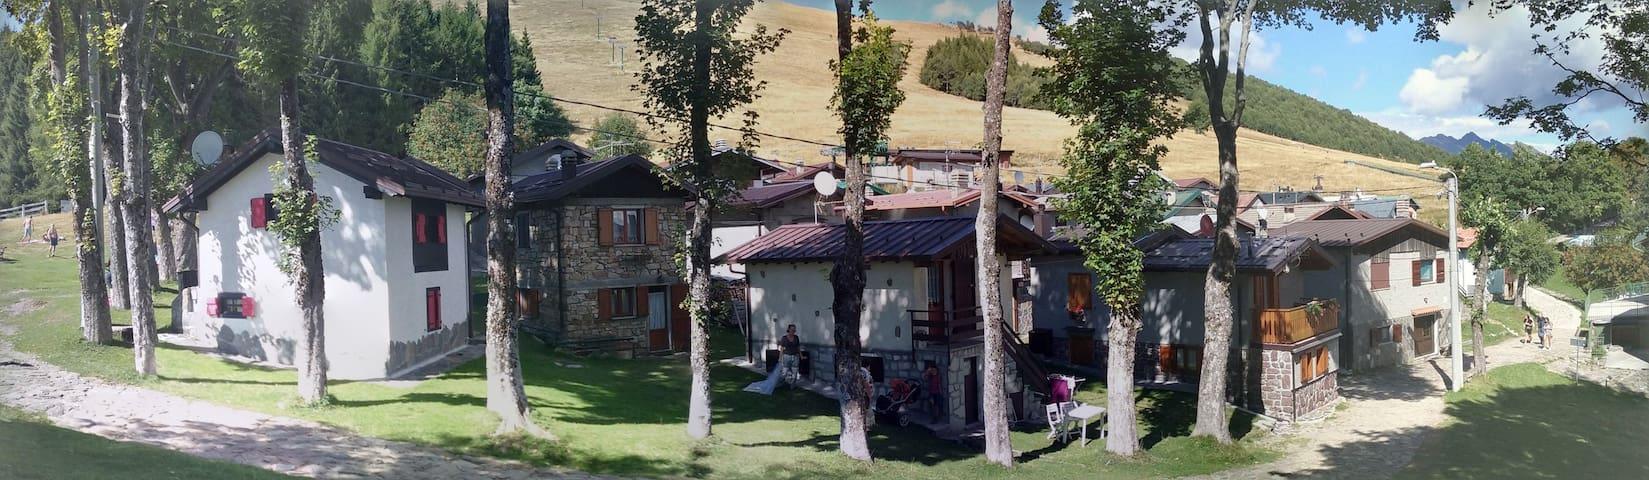 baita in paradiso incontaminato - Giumello - Chalupa